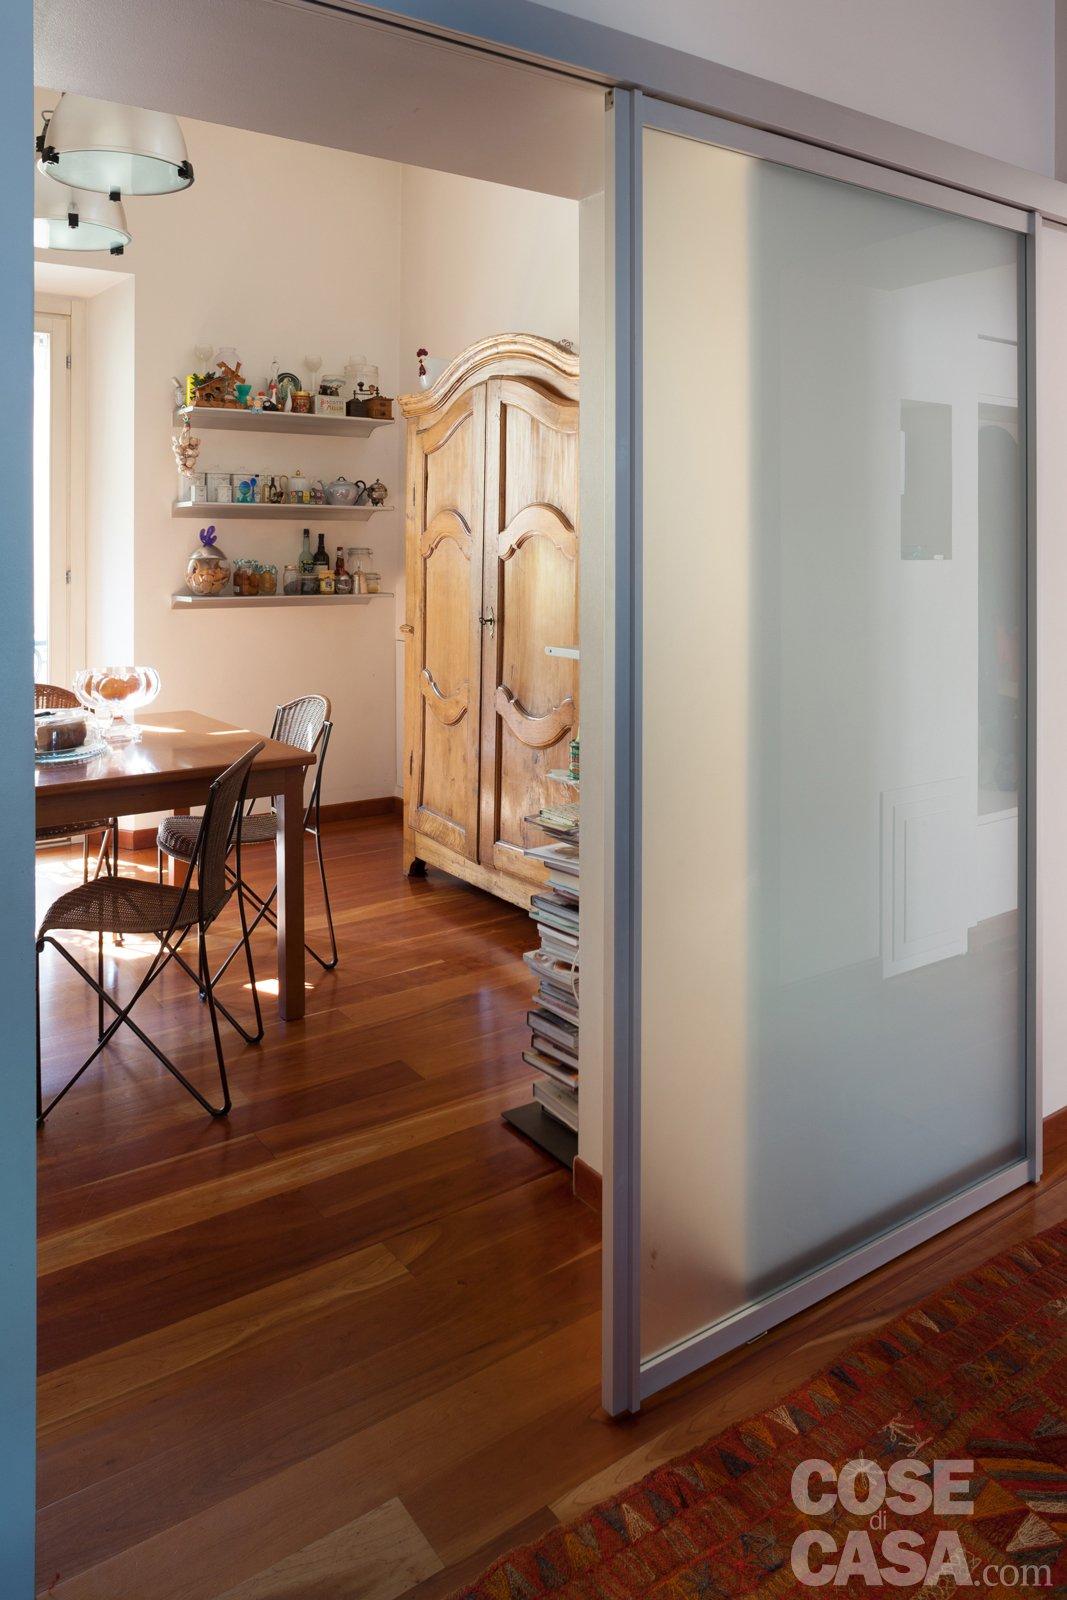 Porta Scorrevole Su Muro Portante 110 mq: nuovo taglio per la casa d'epoca - cose di casa